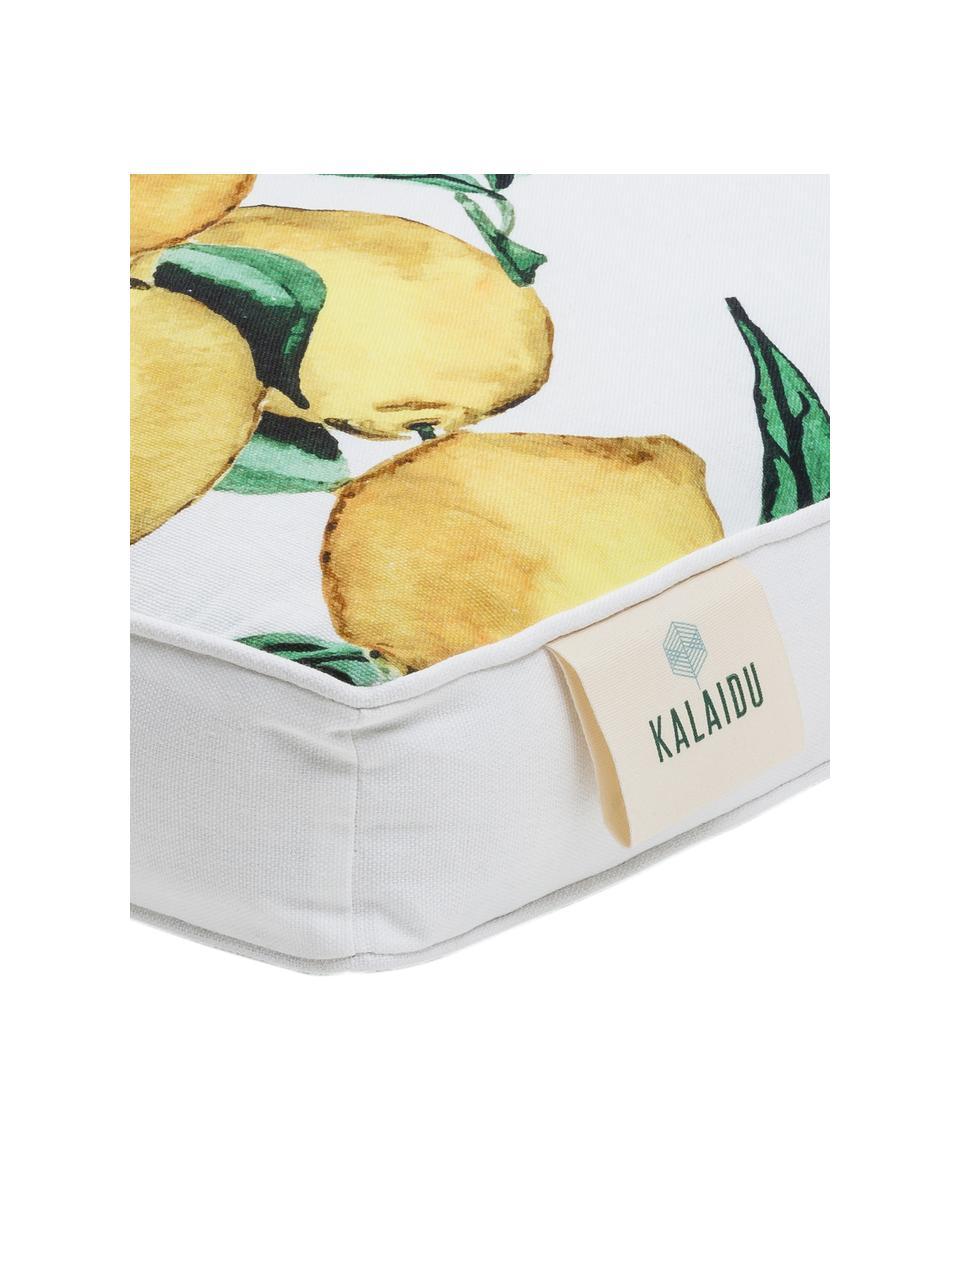 Wysoka poduszka na krzesło Citrus, Żółty, zielony, biały, S 40 x D 40 cm